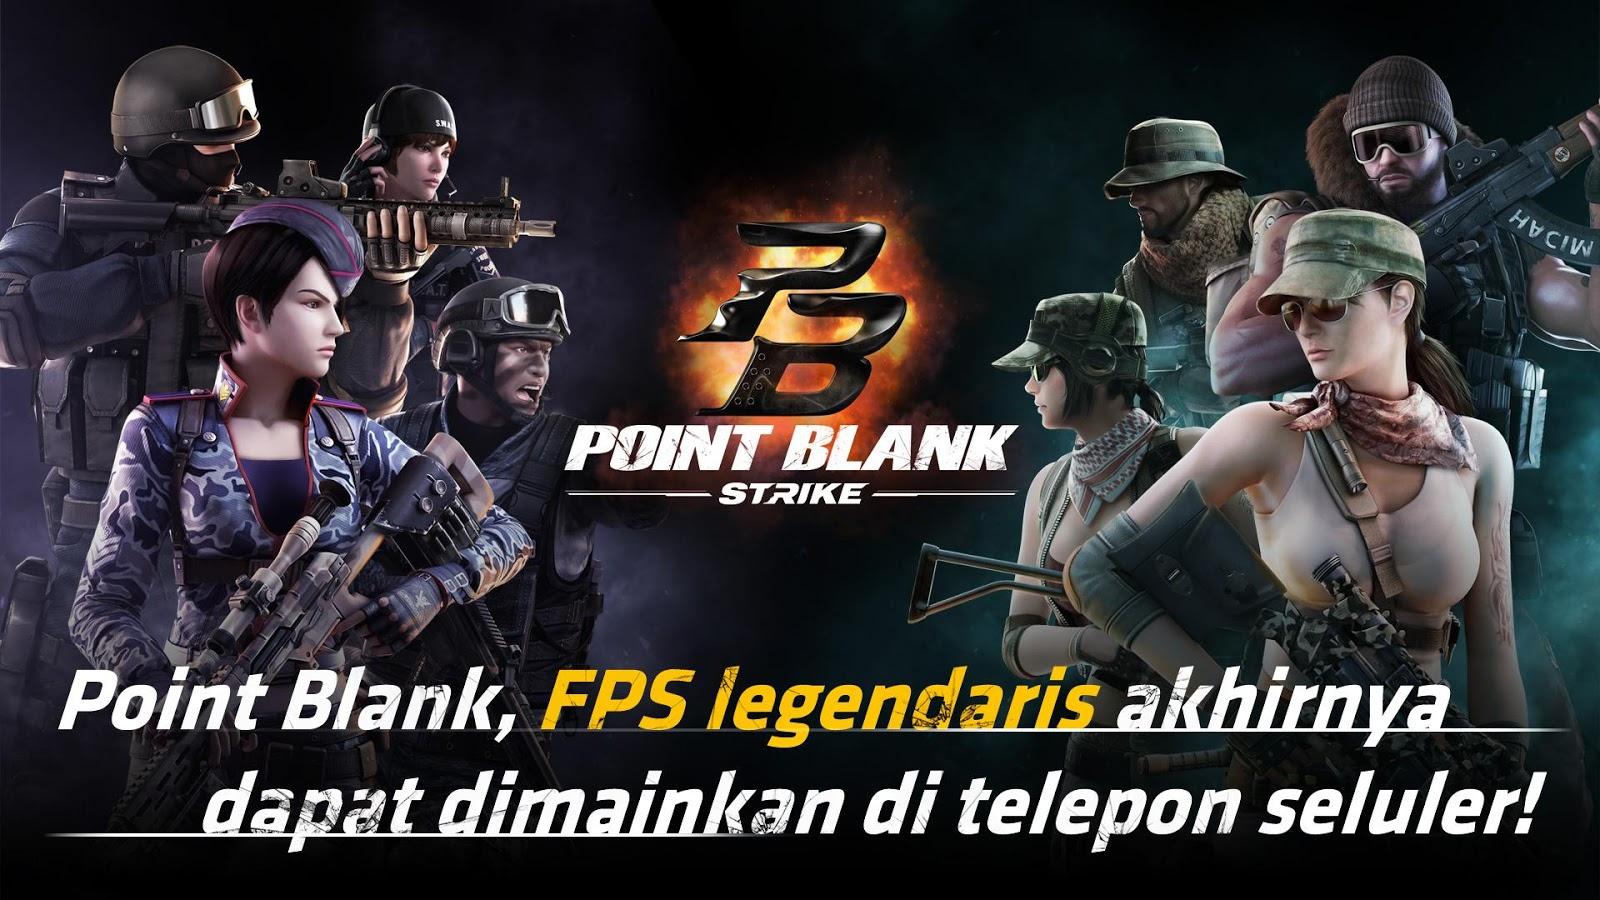 Pemainan Point Blank: Strike apk 2017